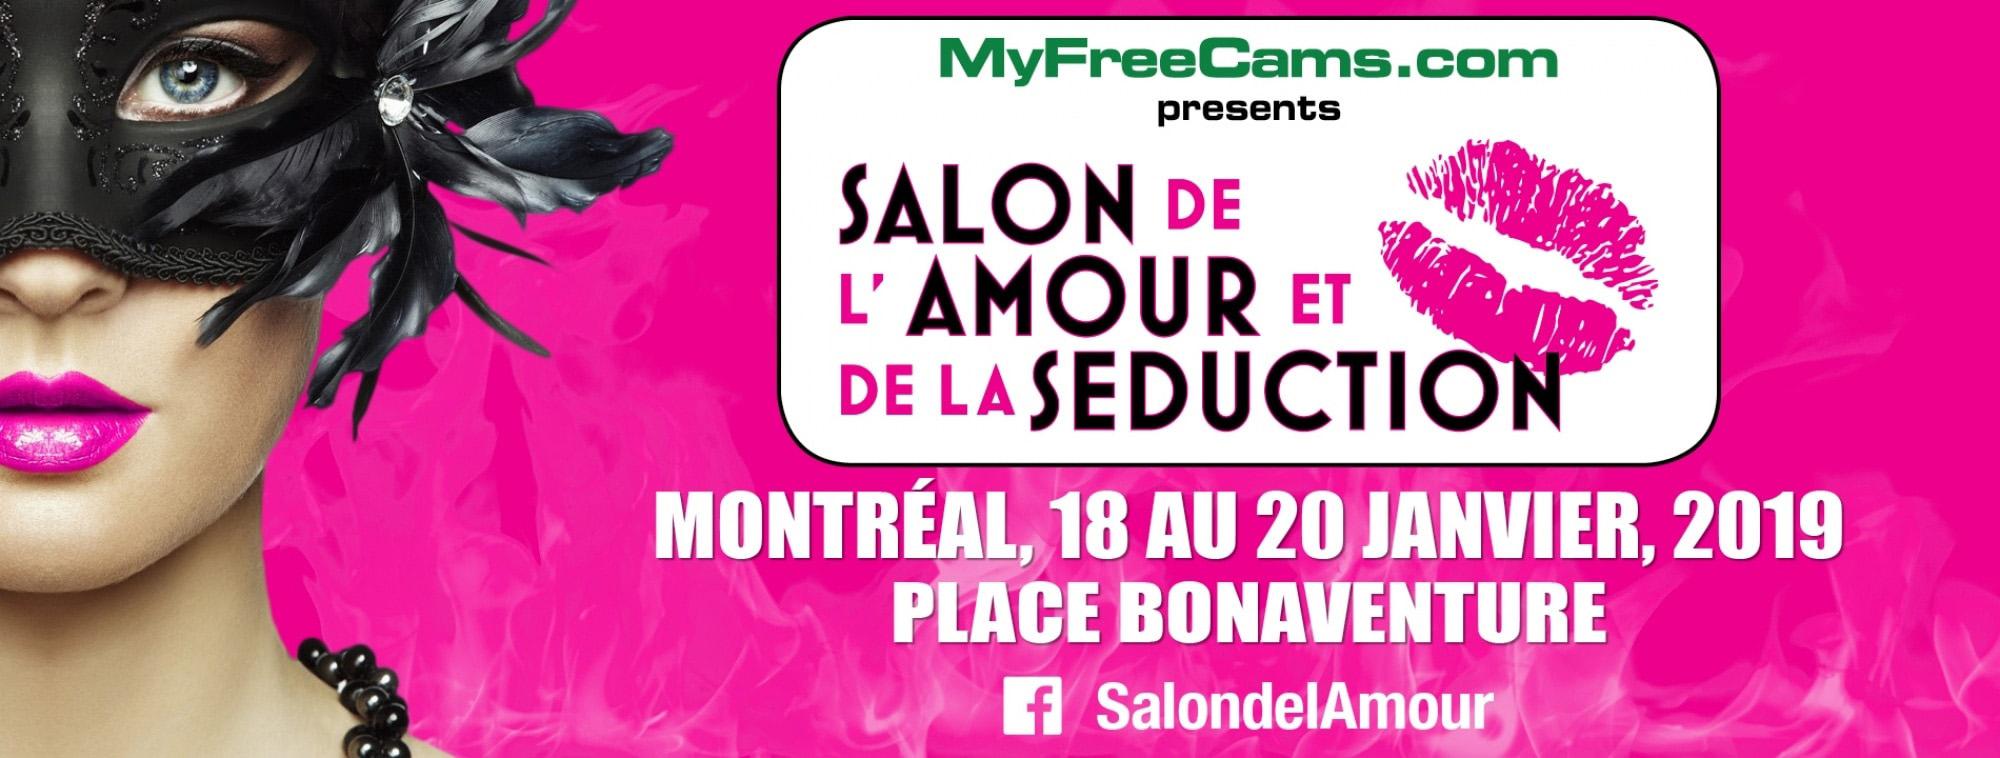 Salon de l'Amour et de la Seduction | Taboo Sex Show | Montreal | Lexi Sylver SDC